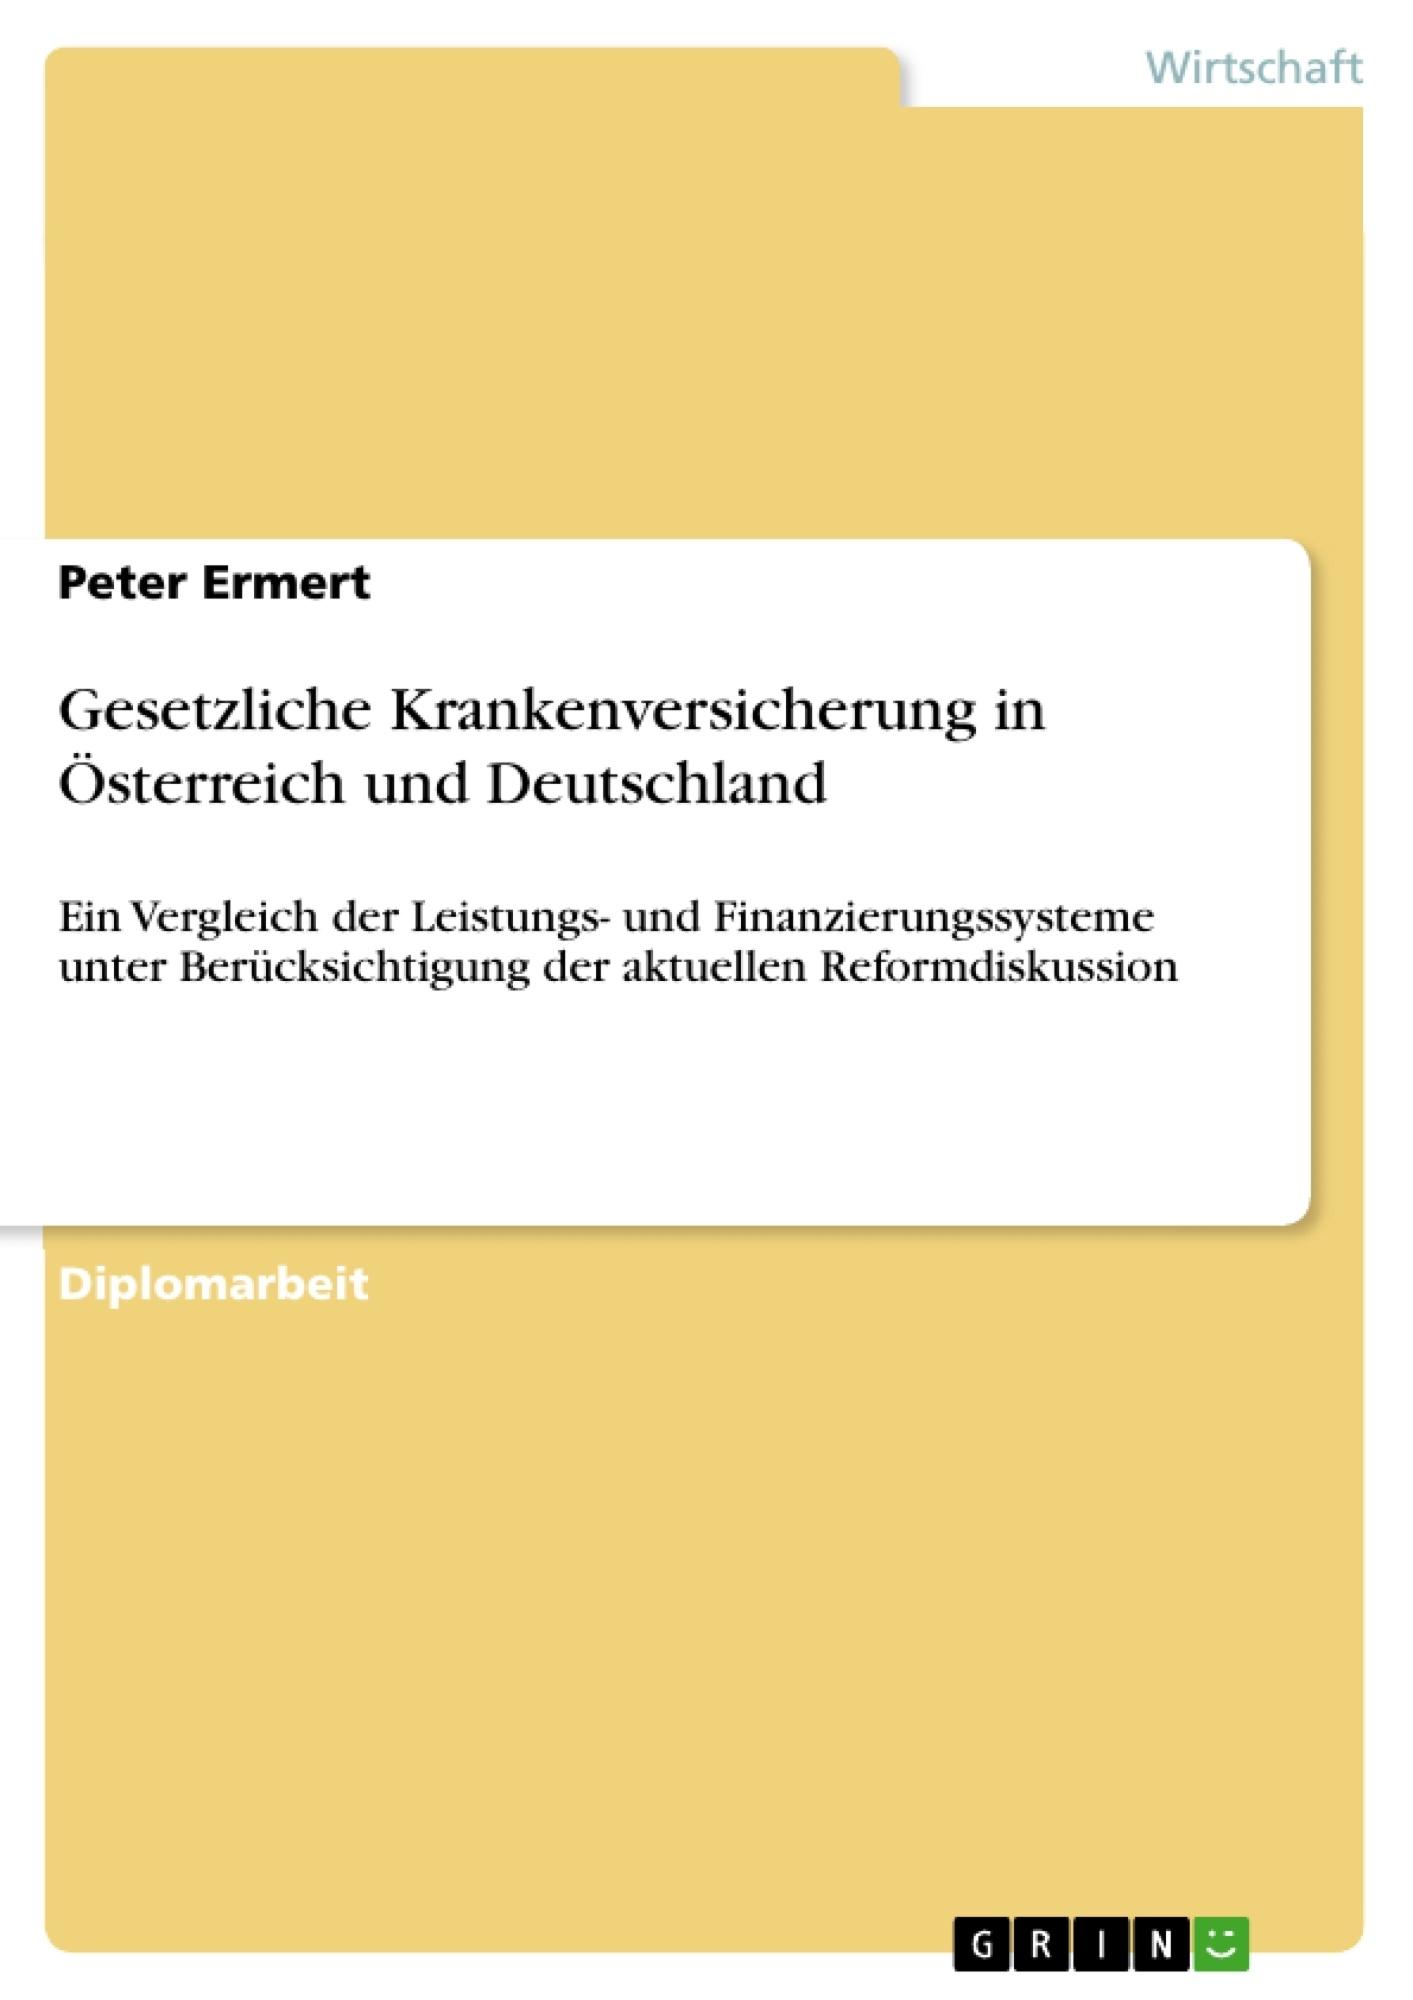 Titel: Gesetzliche Krankenversicherung in Österreich und Deutschland